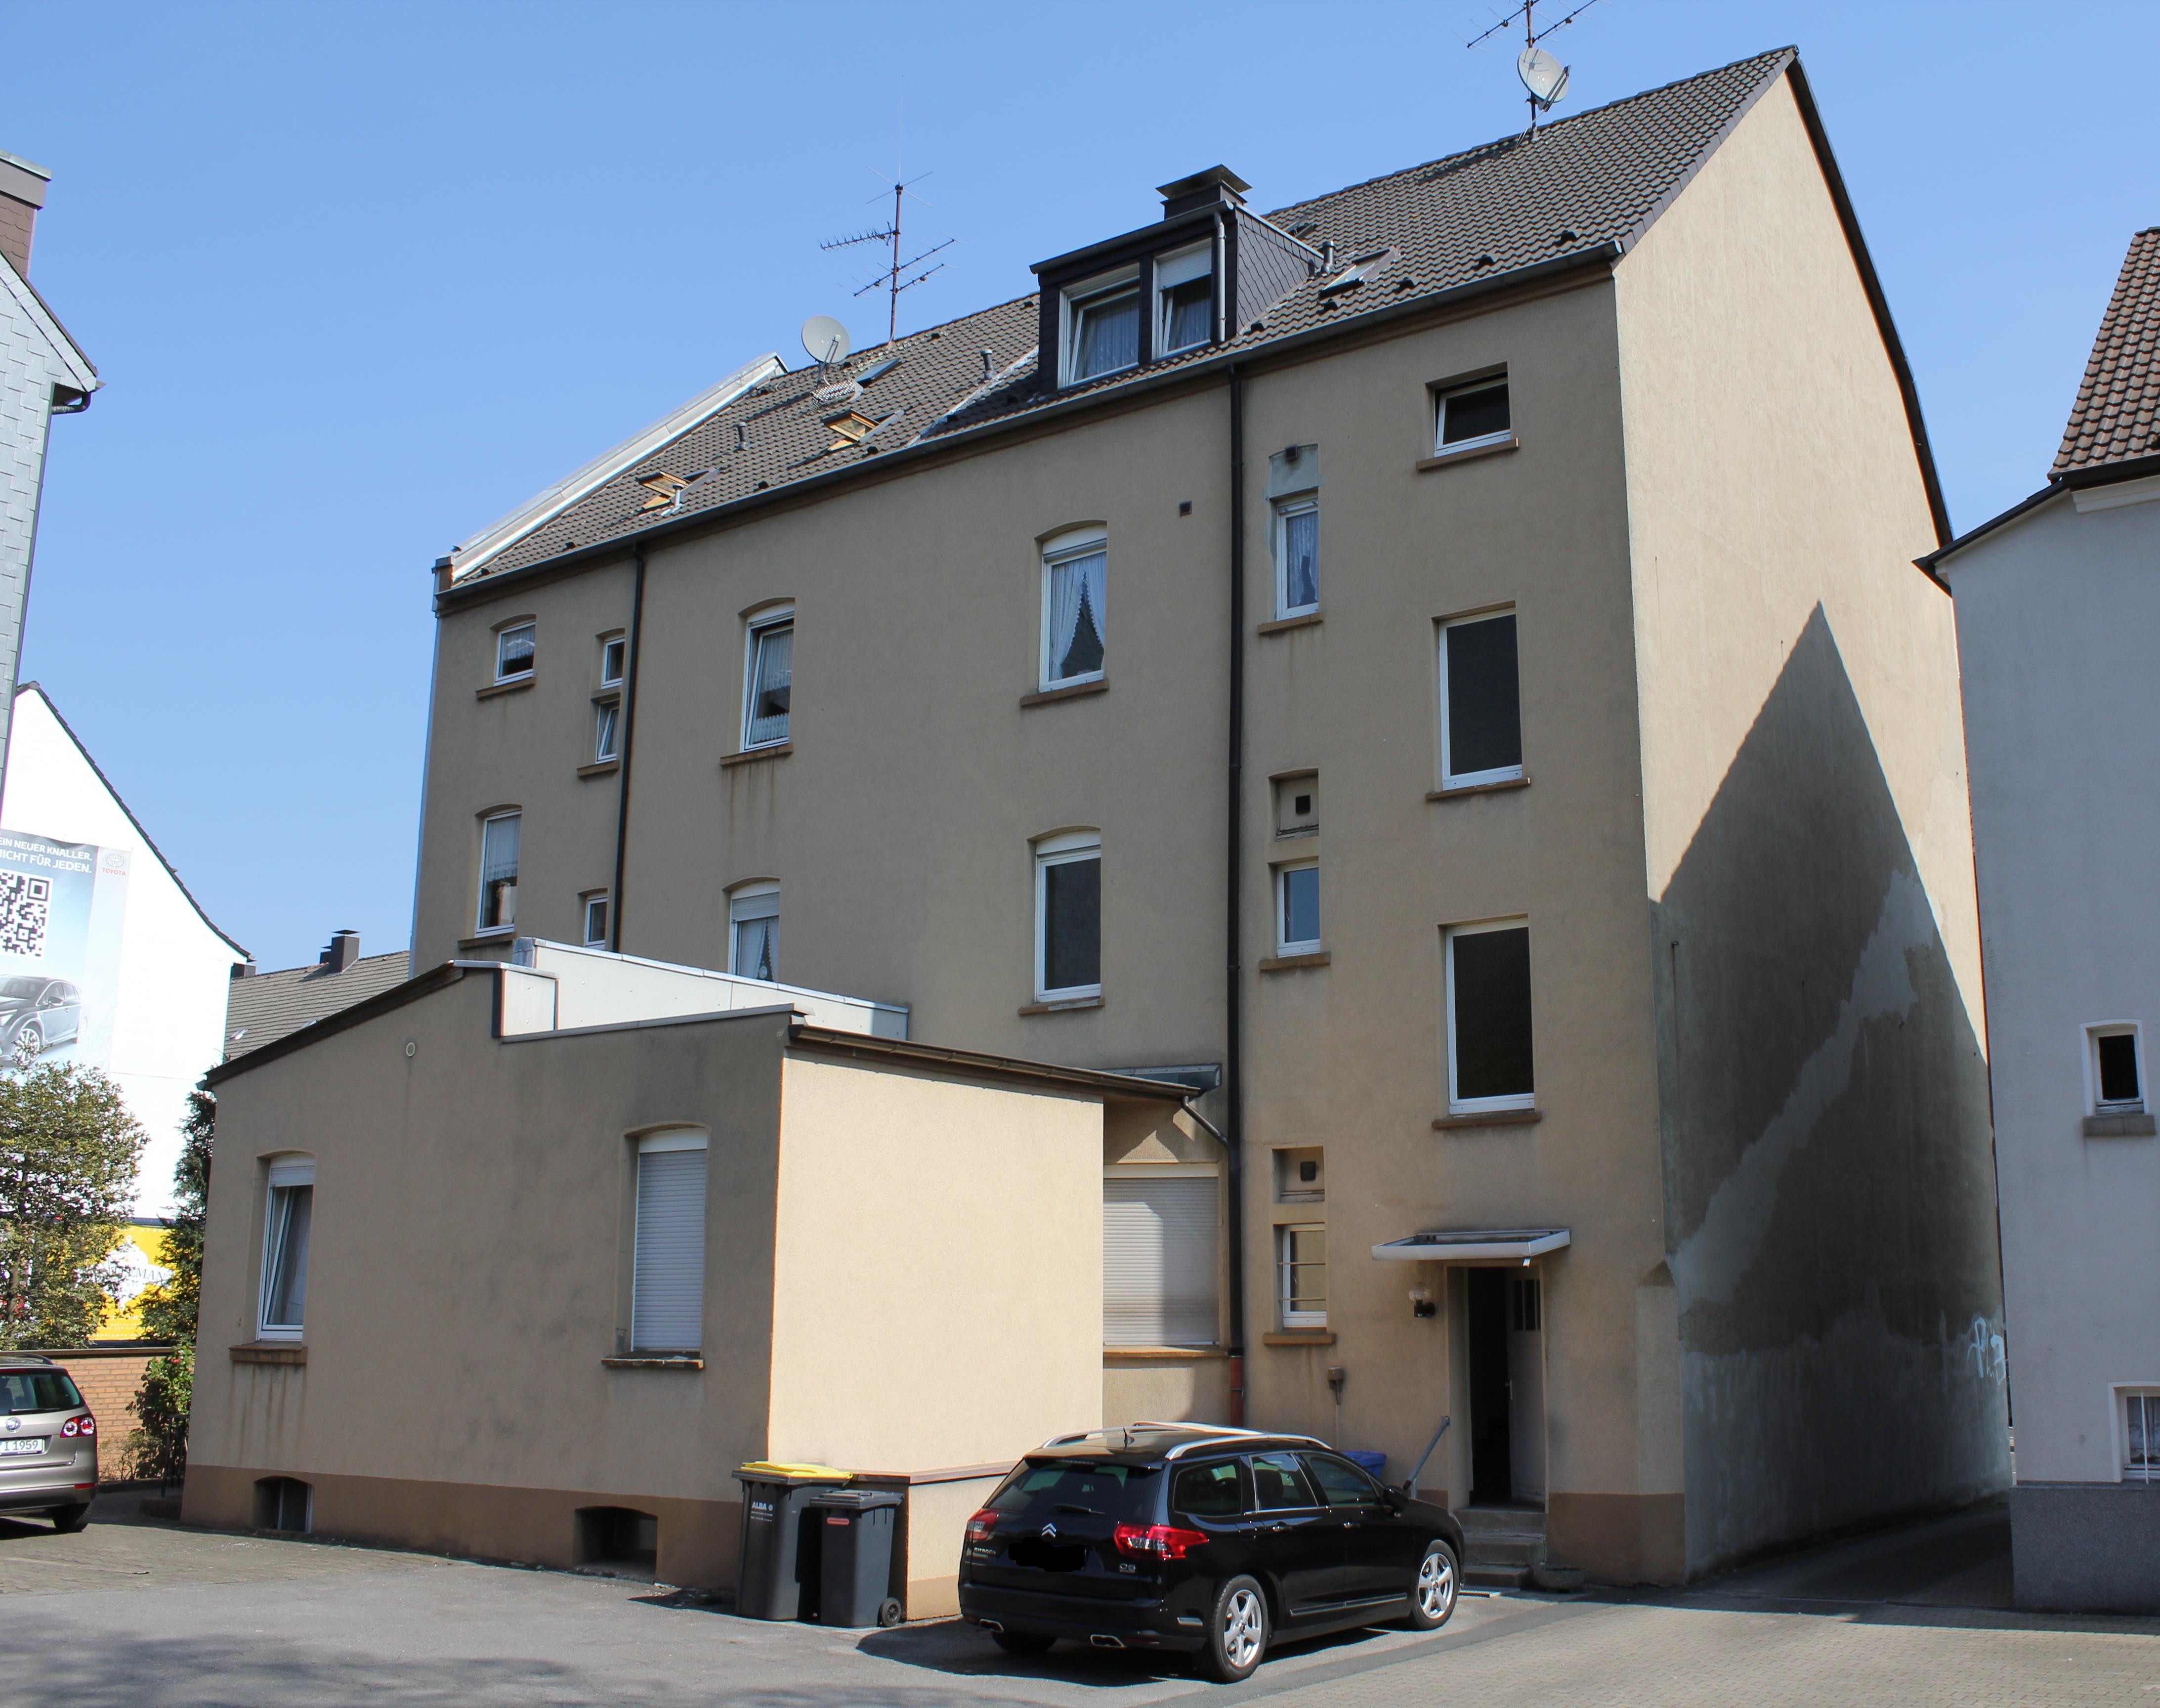 Gladbecker Straße 249, Essen